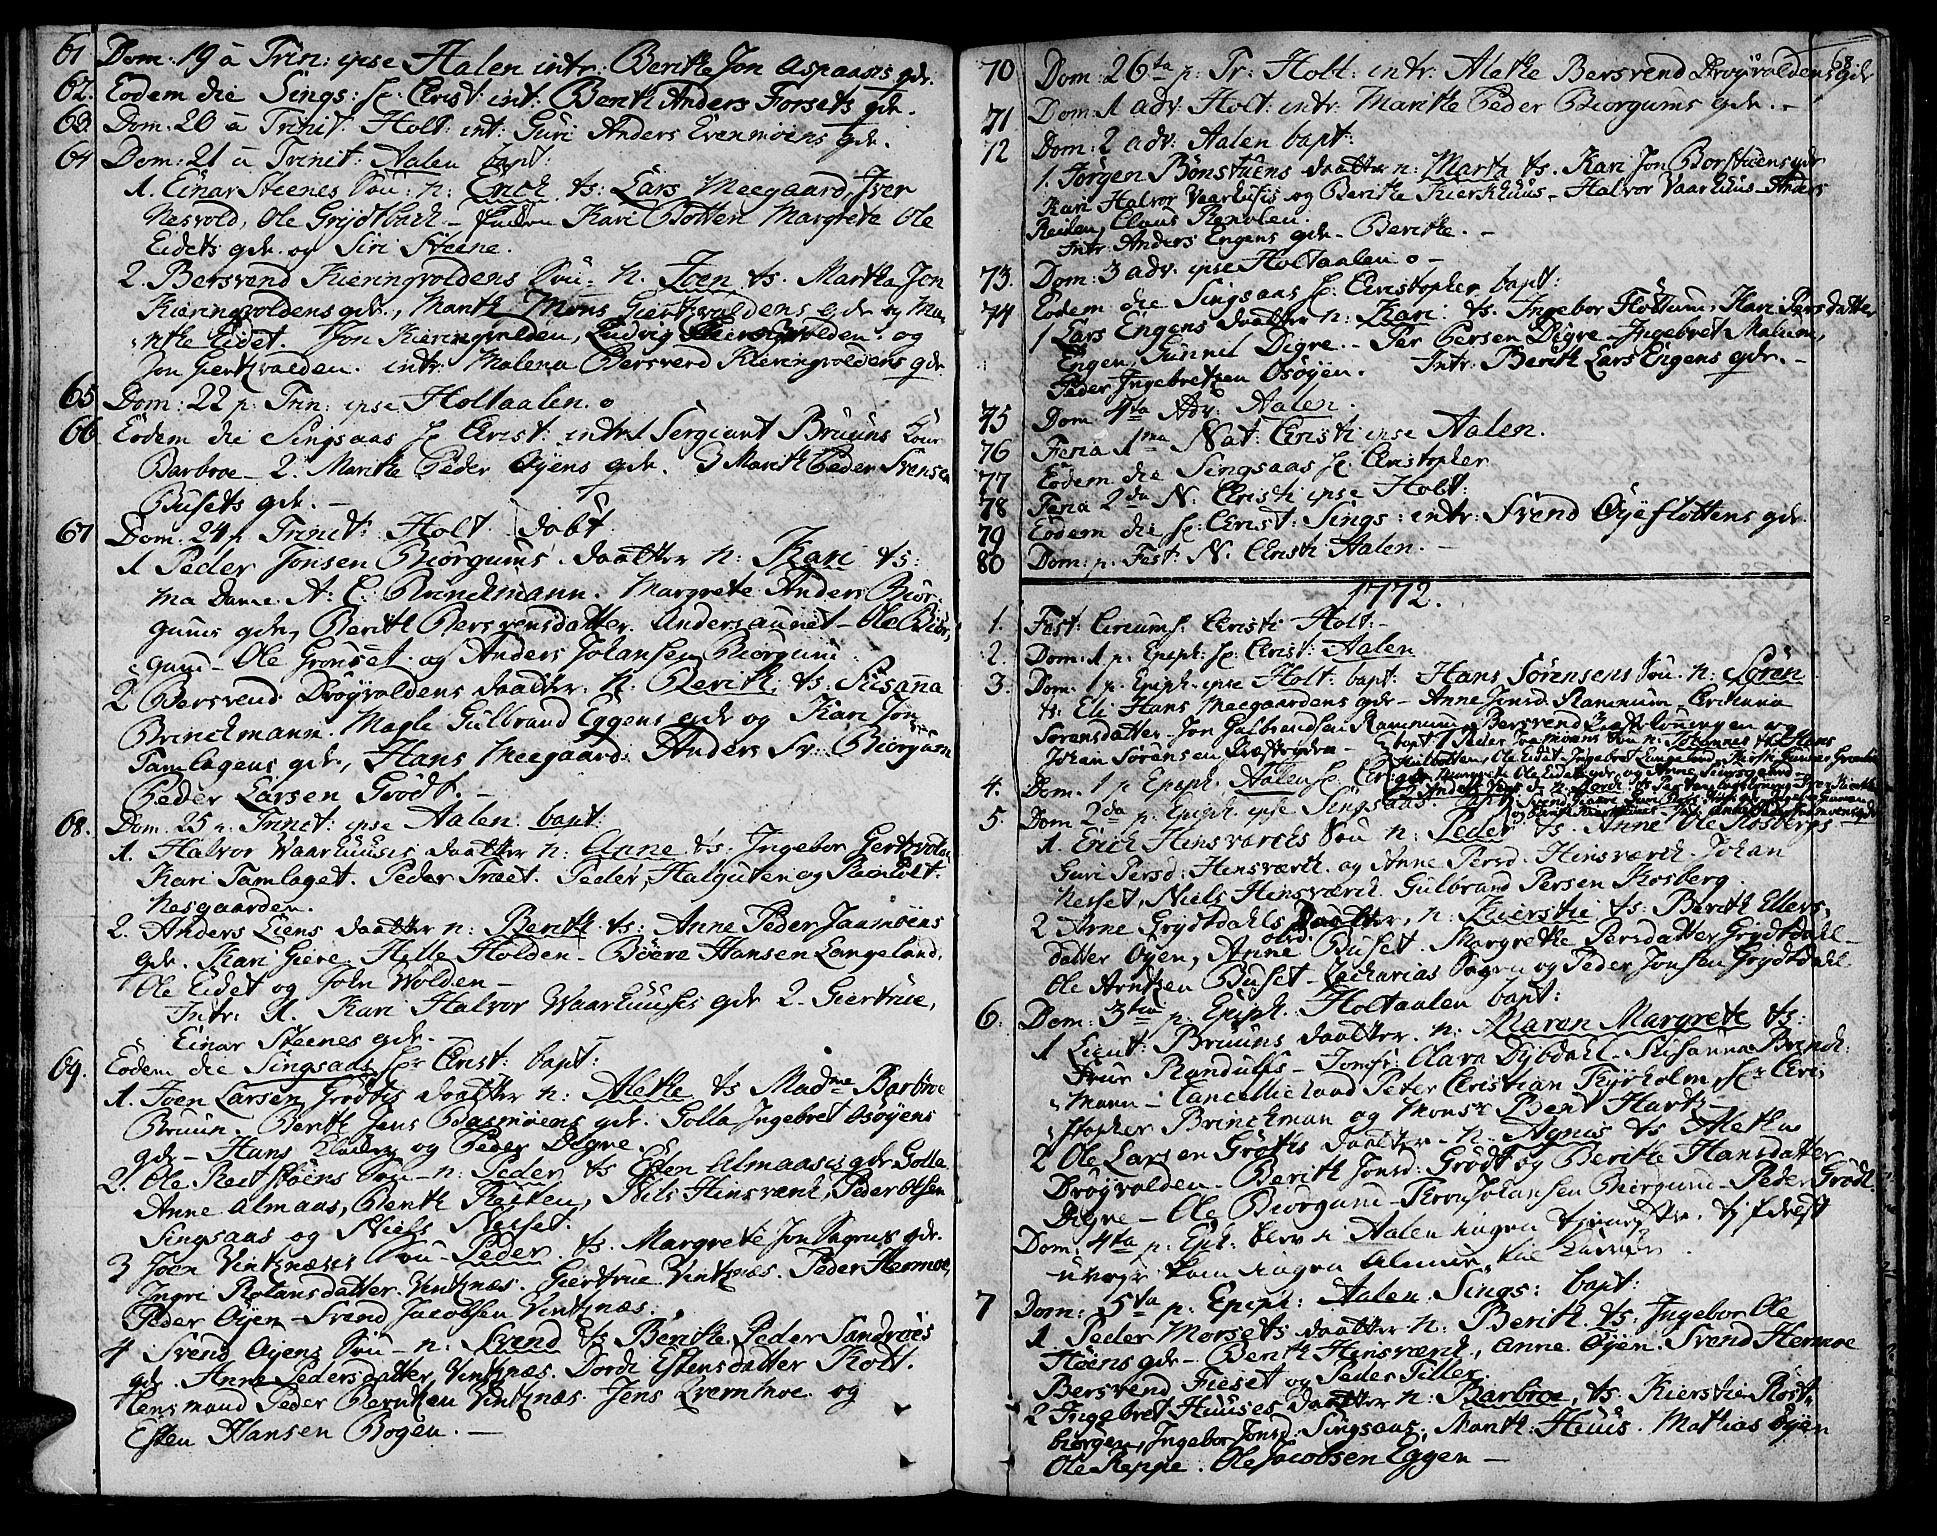 SAT, Ministerialprotokoller, klokkerbøker og fødselsregistre - Sør-Trøndelag, 685/L0952: Ministerialbok nr. 685A01, 1745-1804, s. 68